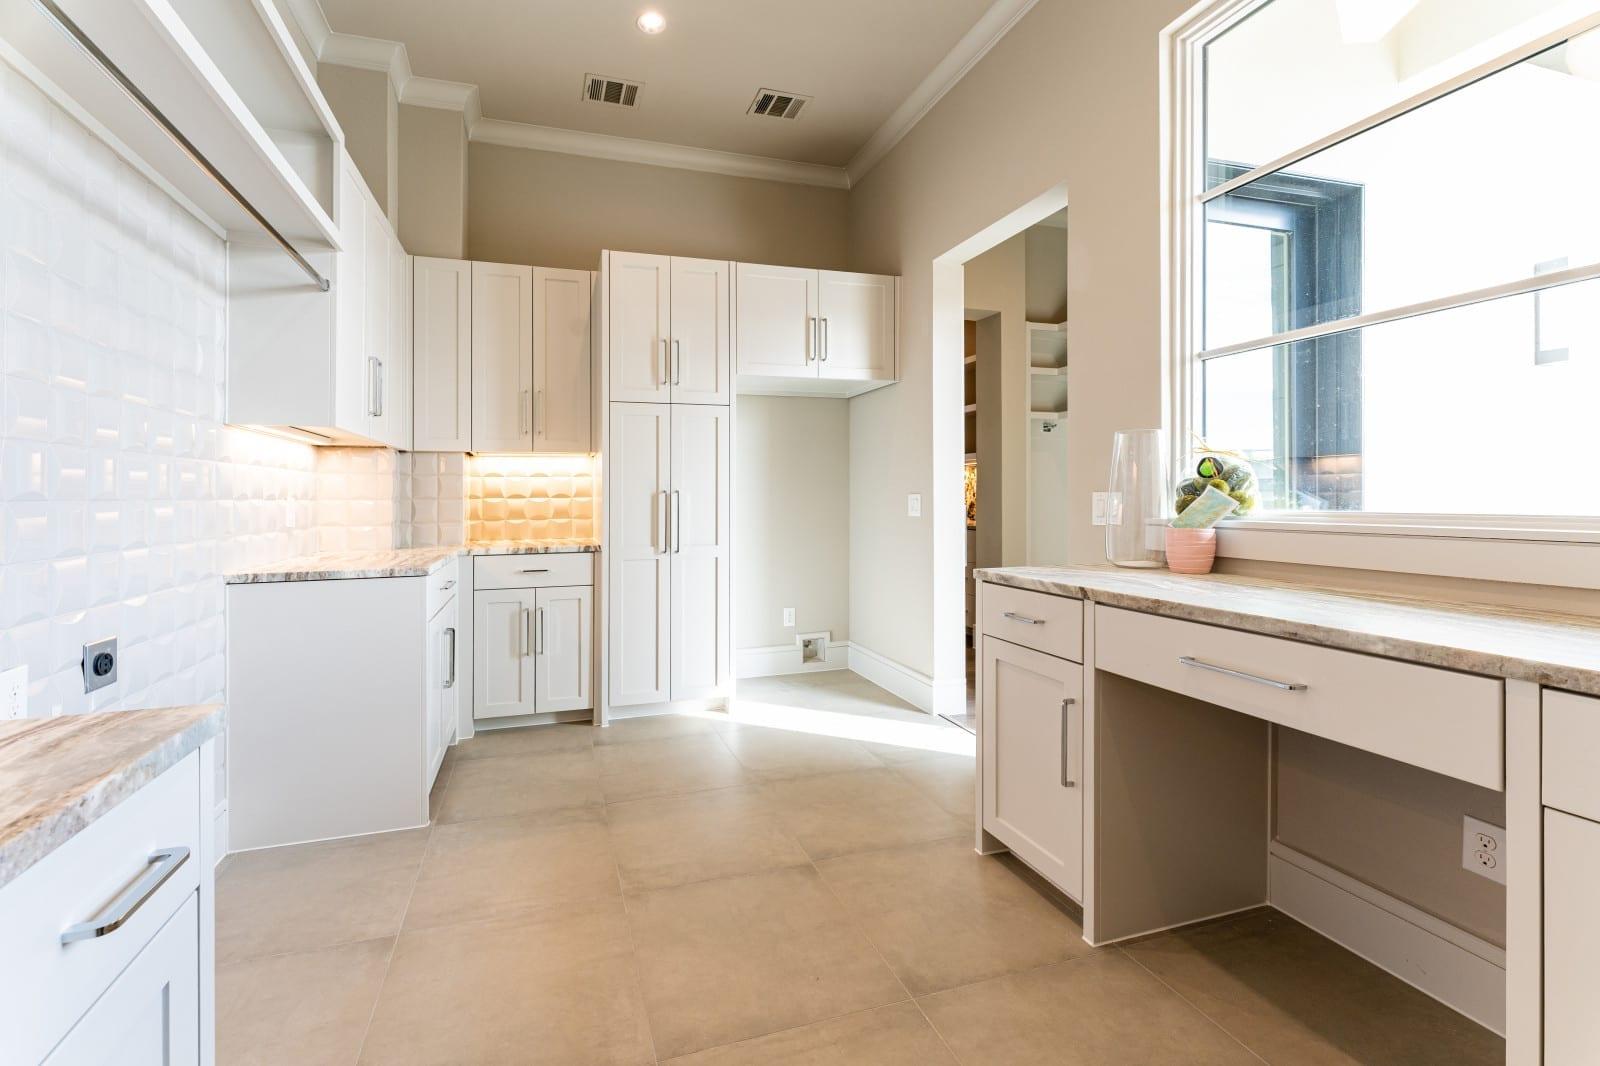 modern home design 17 - Millennial Design + Build